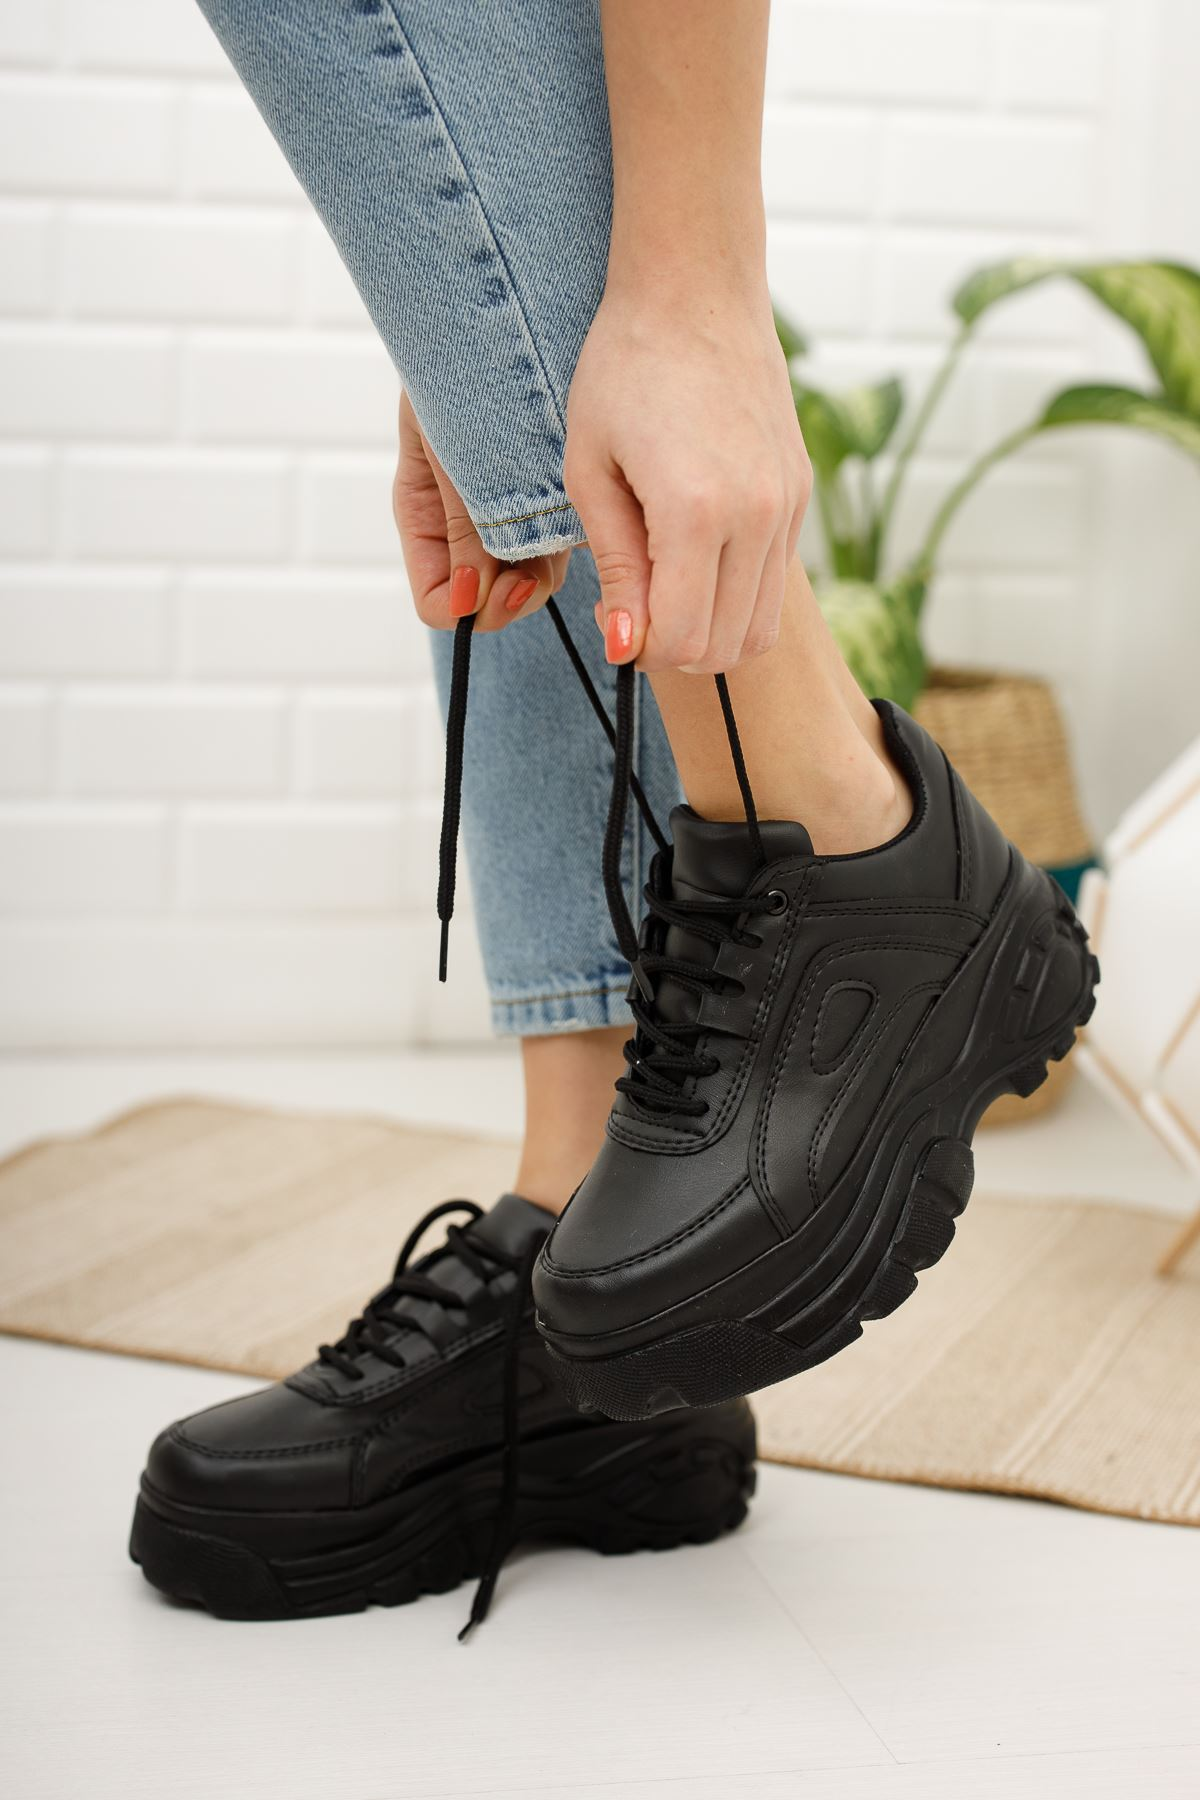 Kadın Buffalo Kalın Taban Bağcıklı Siyah Spor Ayakkabı